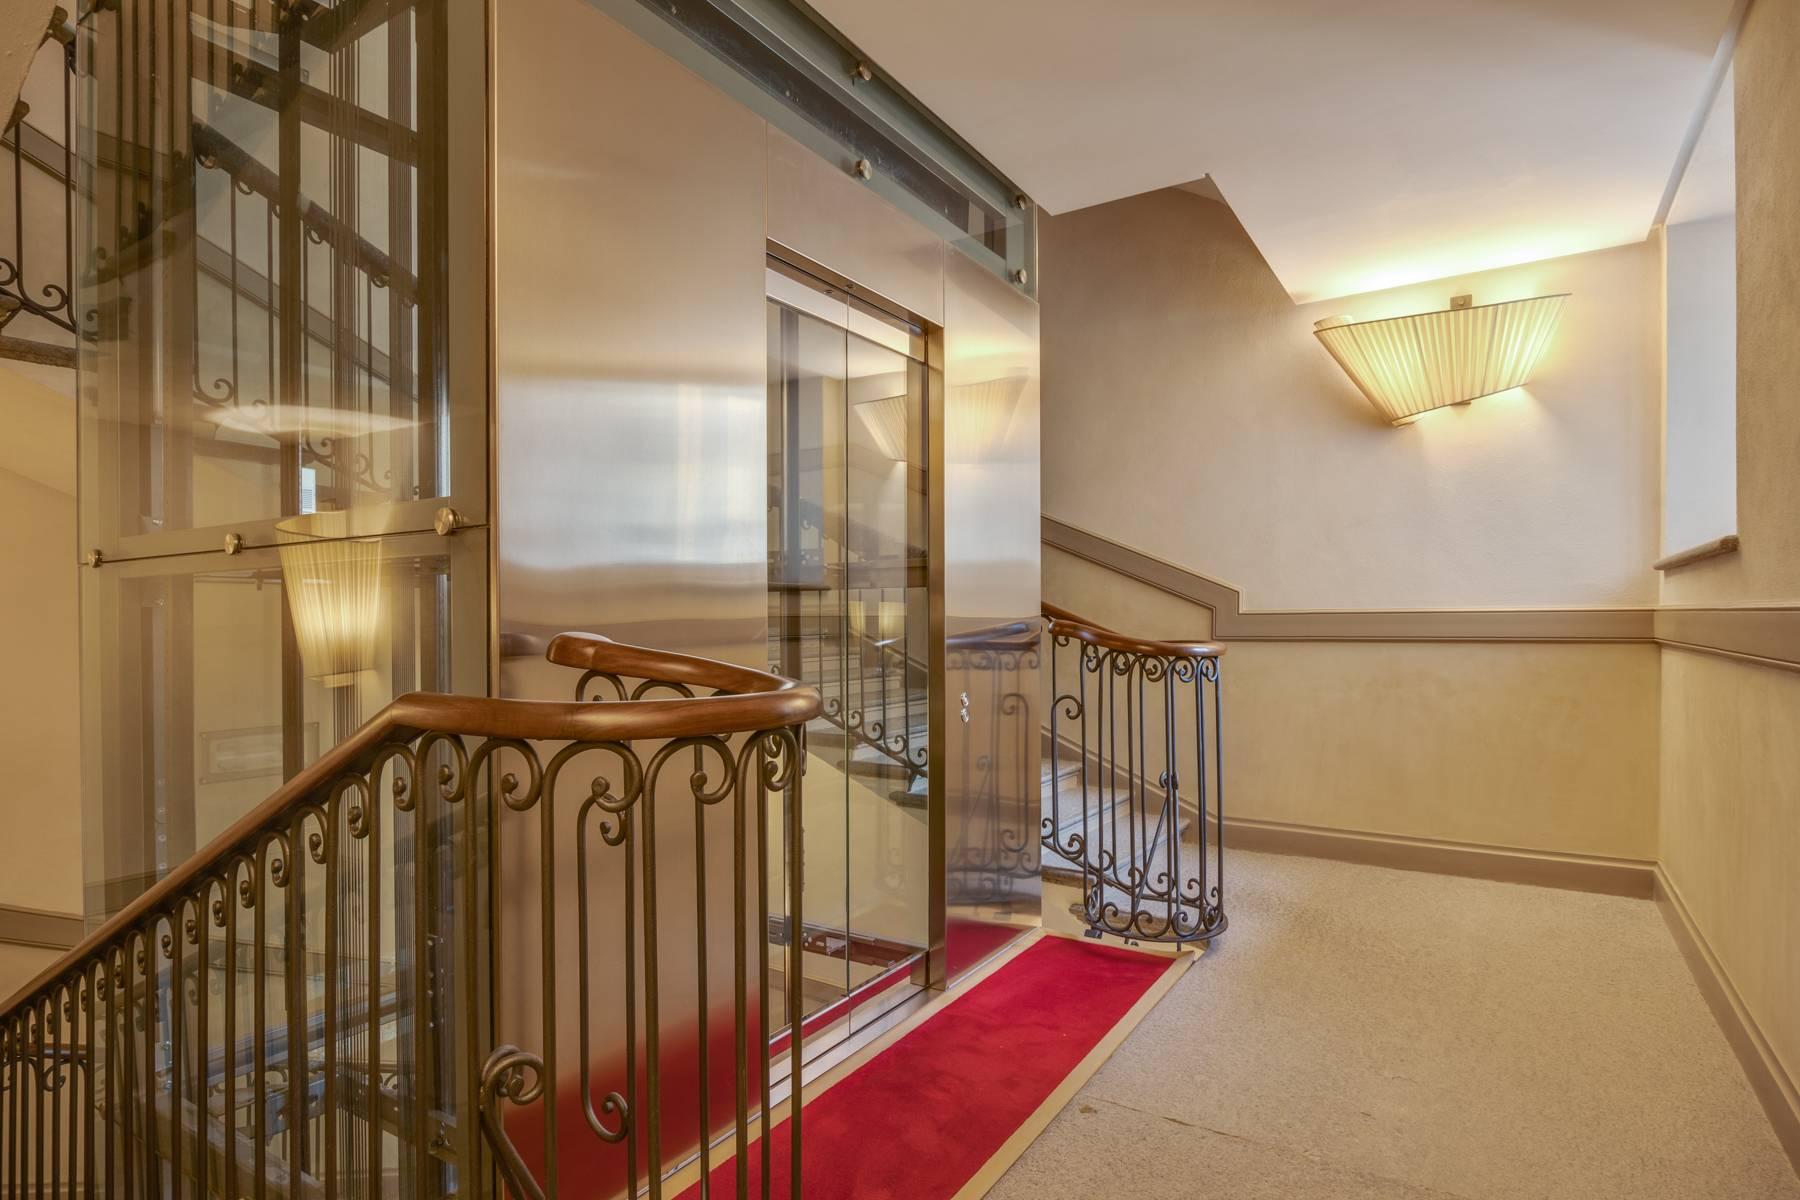 Appartamento in Vendita a Torino: 3 locali, 89 mq - Foto 12